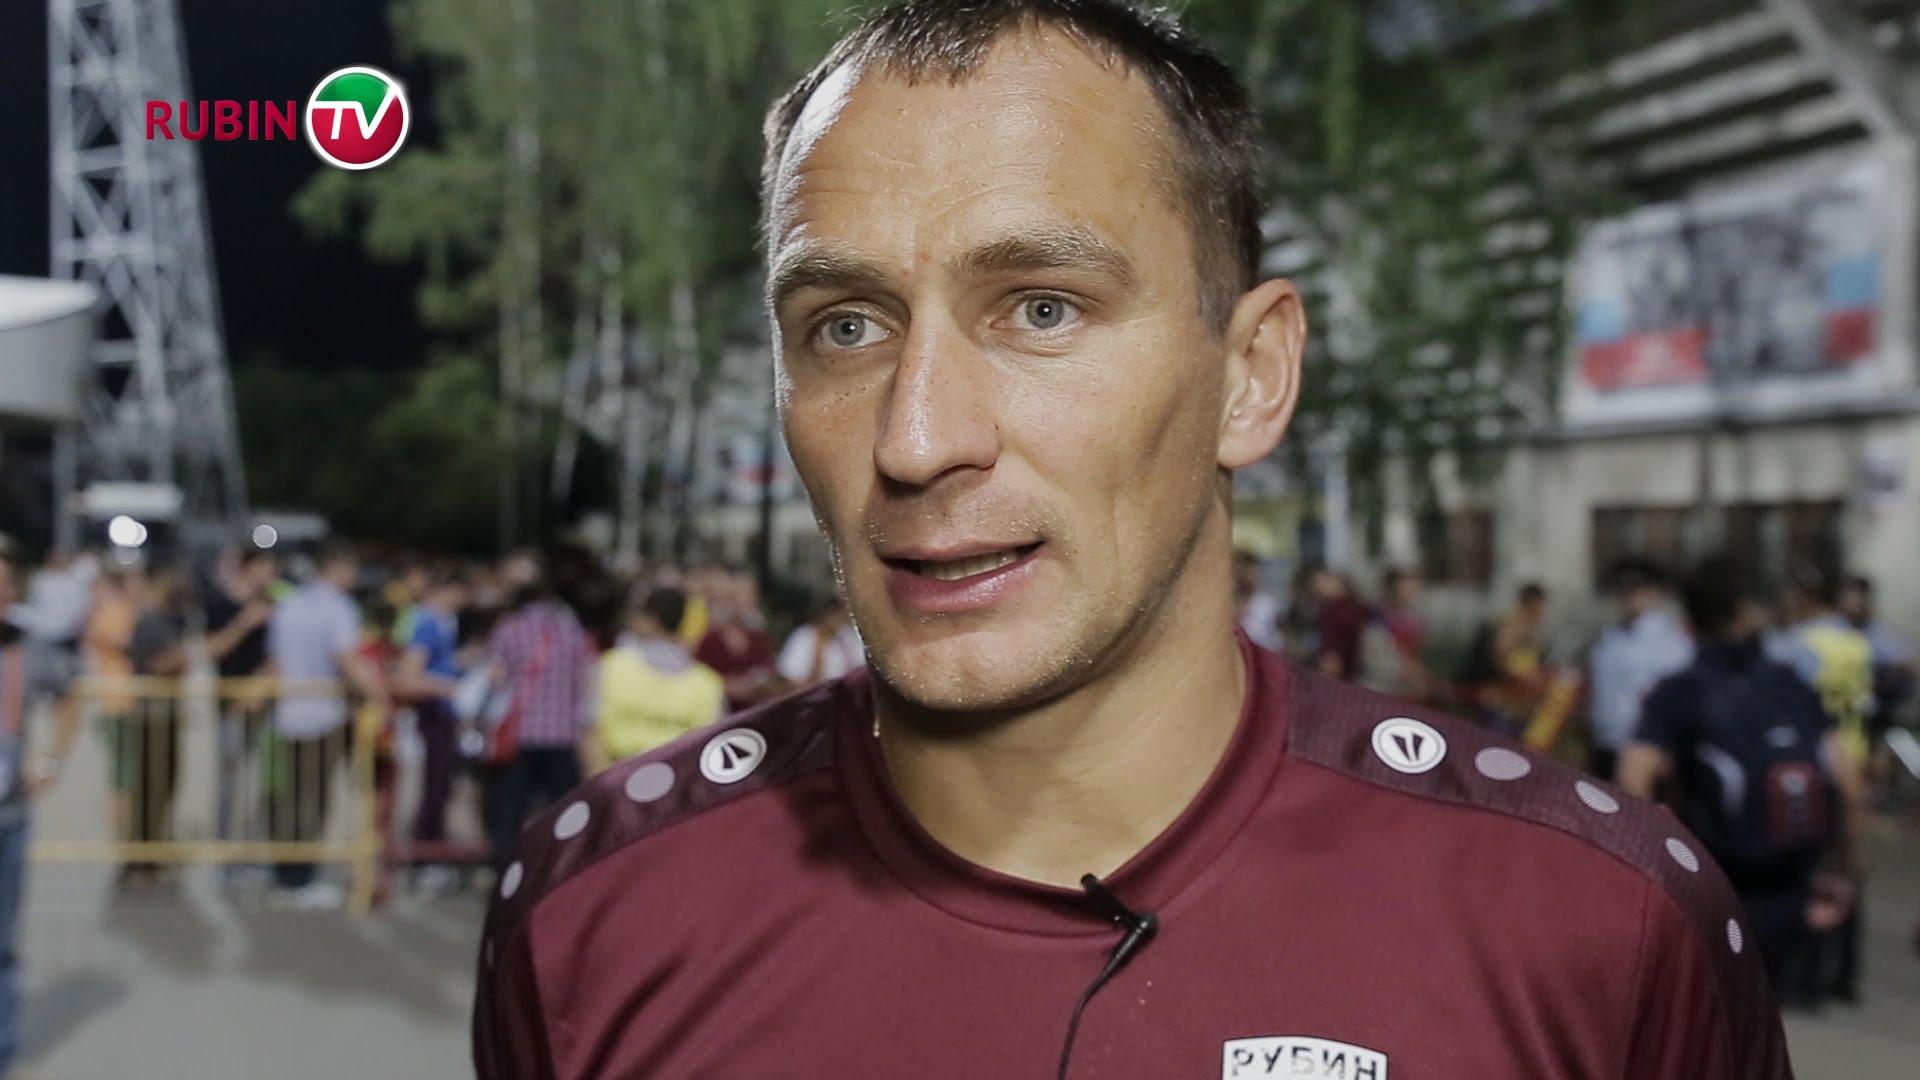 Саратовец назван лучшим футболистом года в Российской Федерации